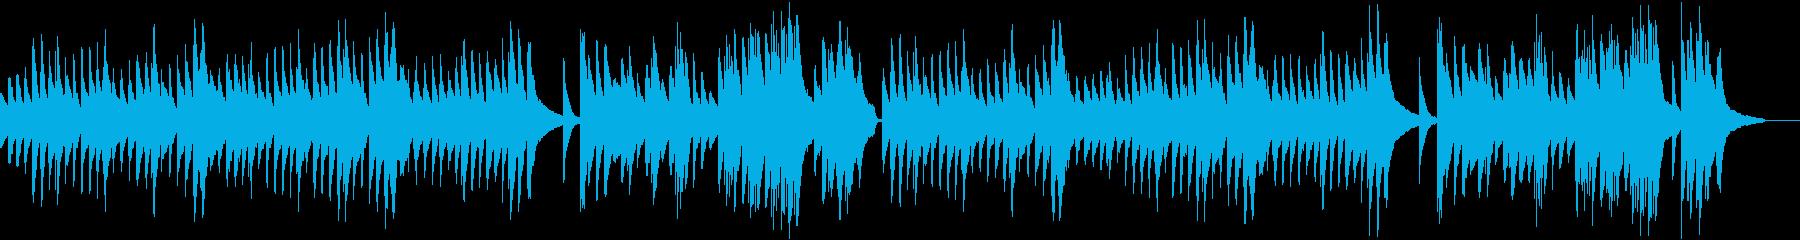 女心の歌【しっとりピアノ版】の再生済みの波形